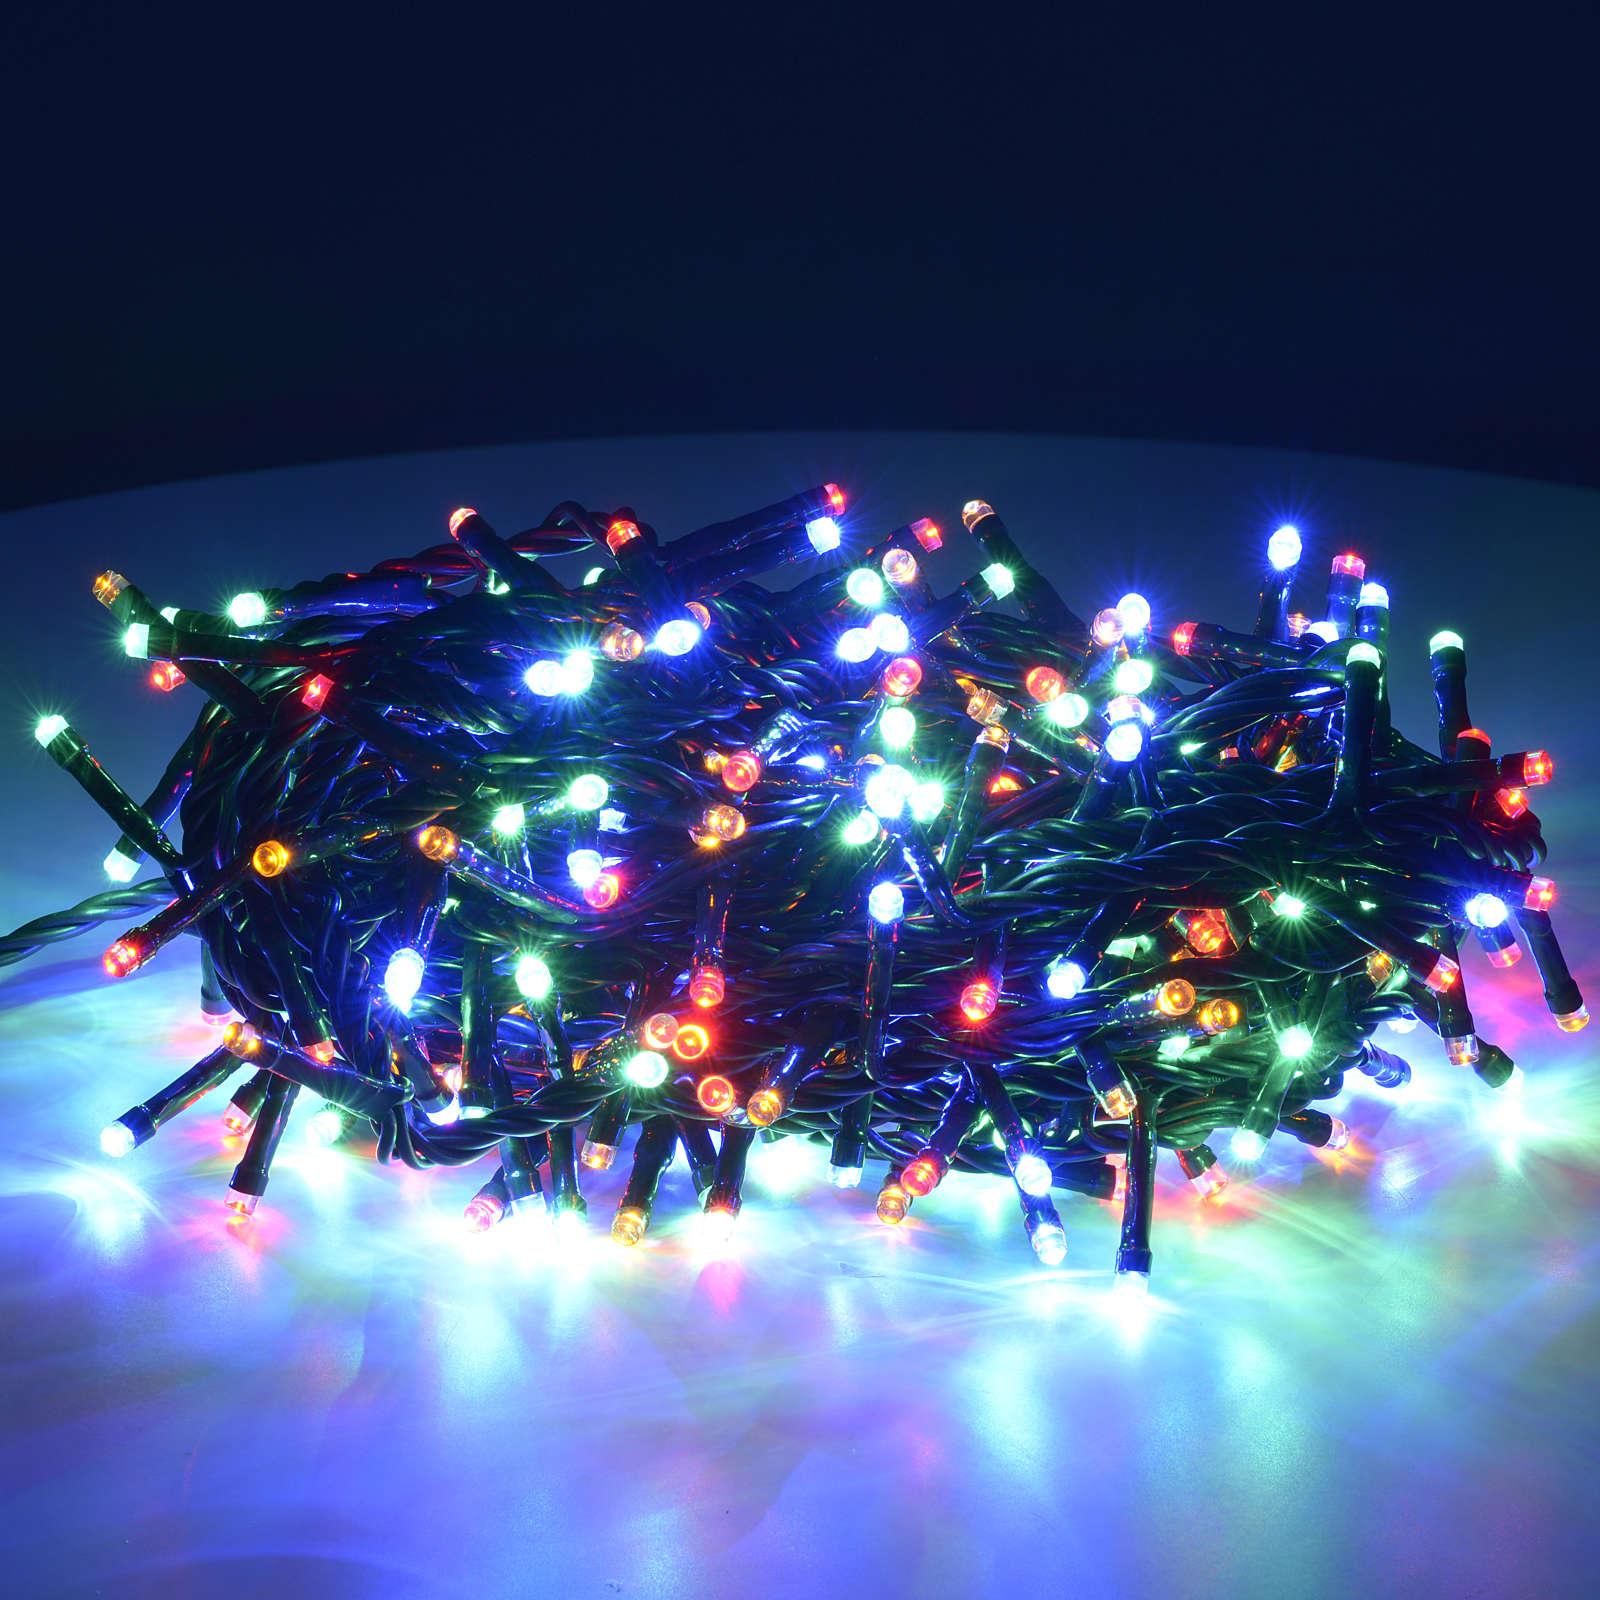 Weihnachtslichter 300 Led multicolor für Innengebrauch 3